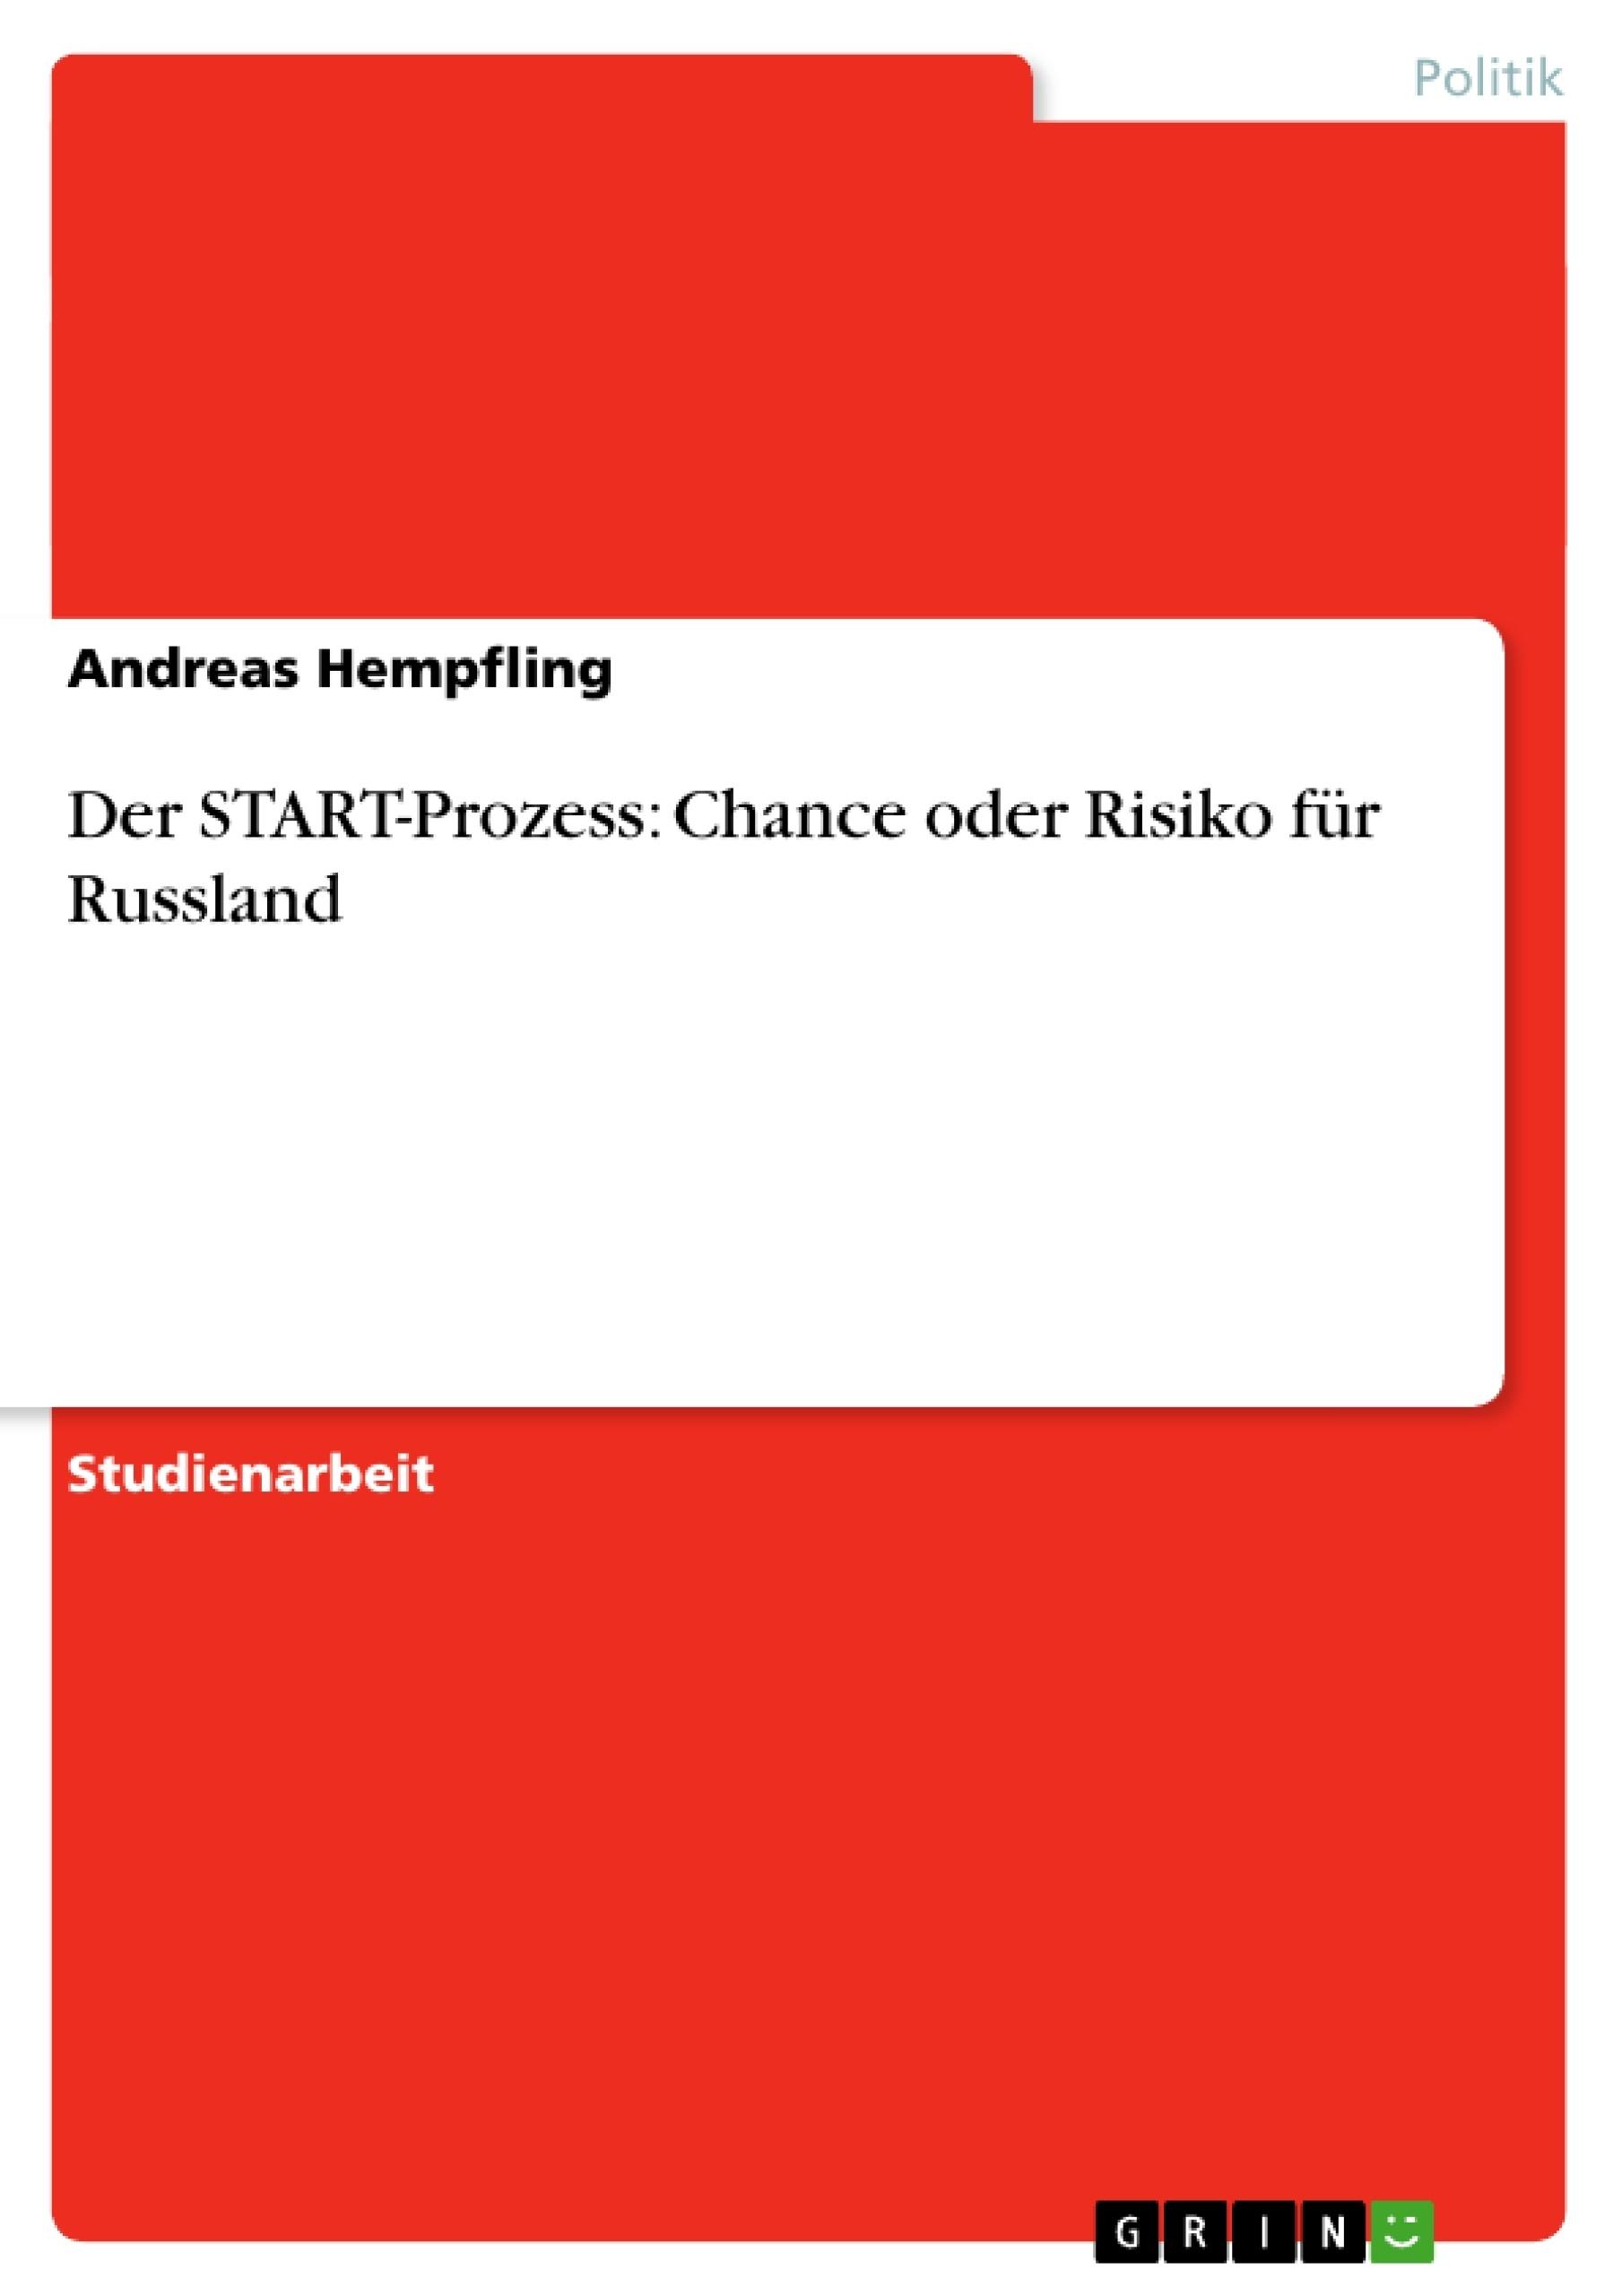 Titel: Der START-Prozess: Chance oder Risiko für Russland